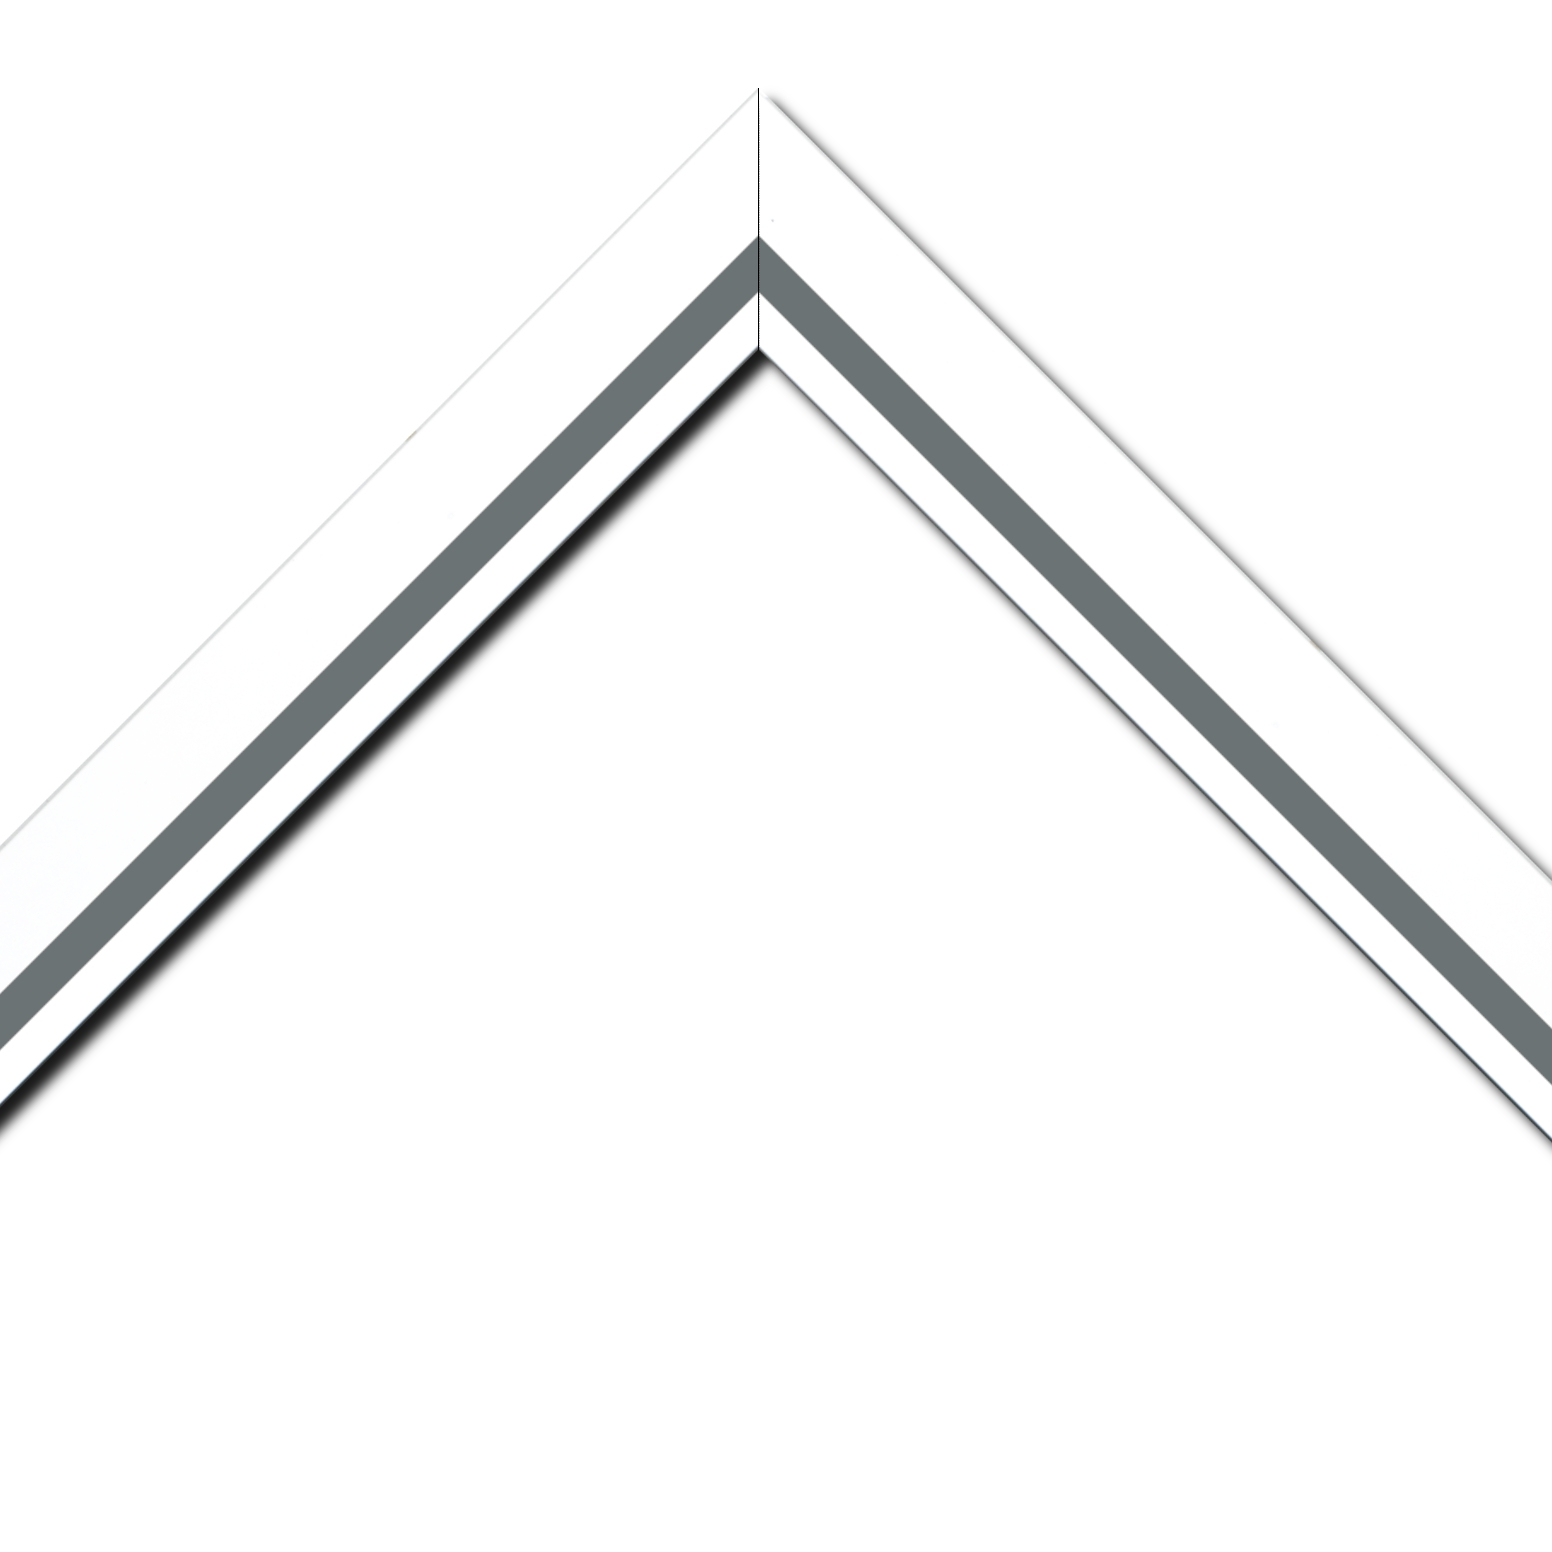 Baguette bois profil pente largeur 4.5cm de couleur blanc mat filet gris